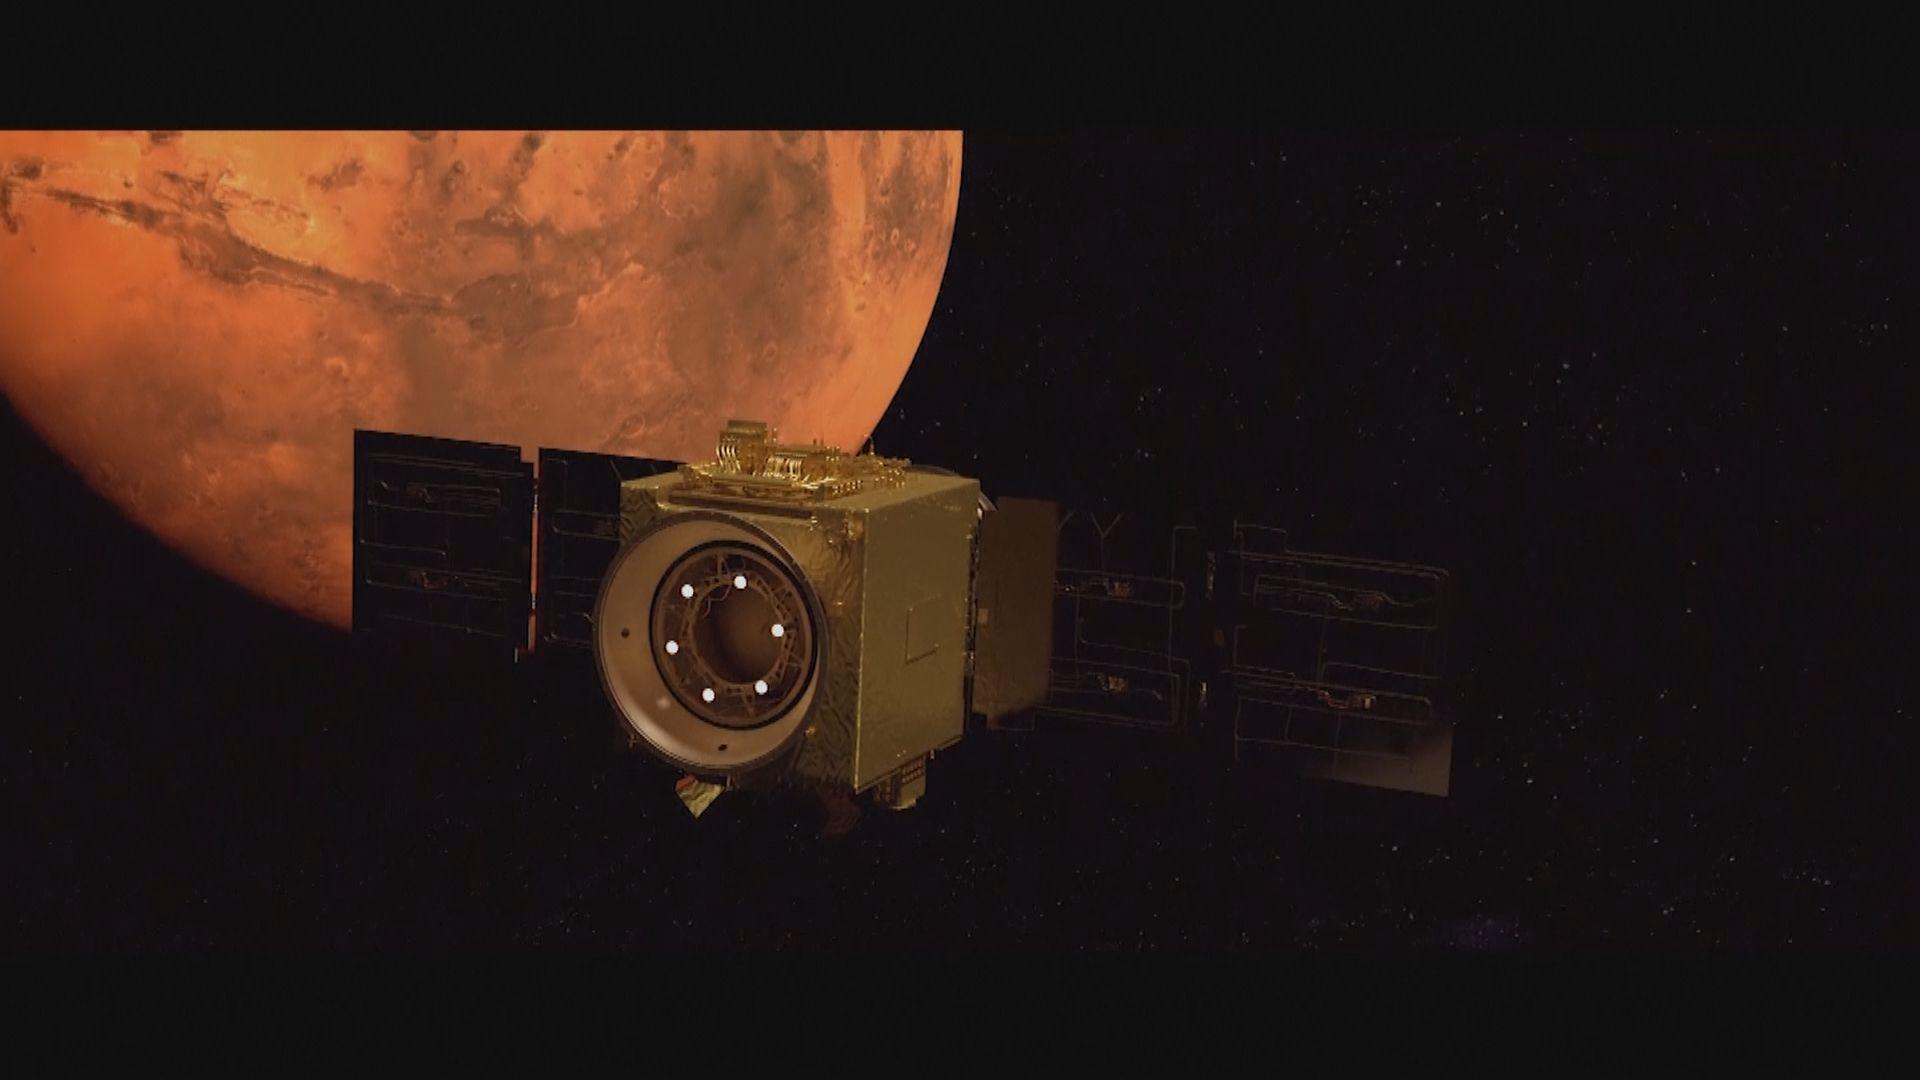 阿聯酋「希望號」進入火星軌道 將研究火星大氣變化